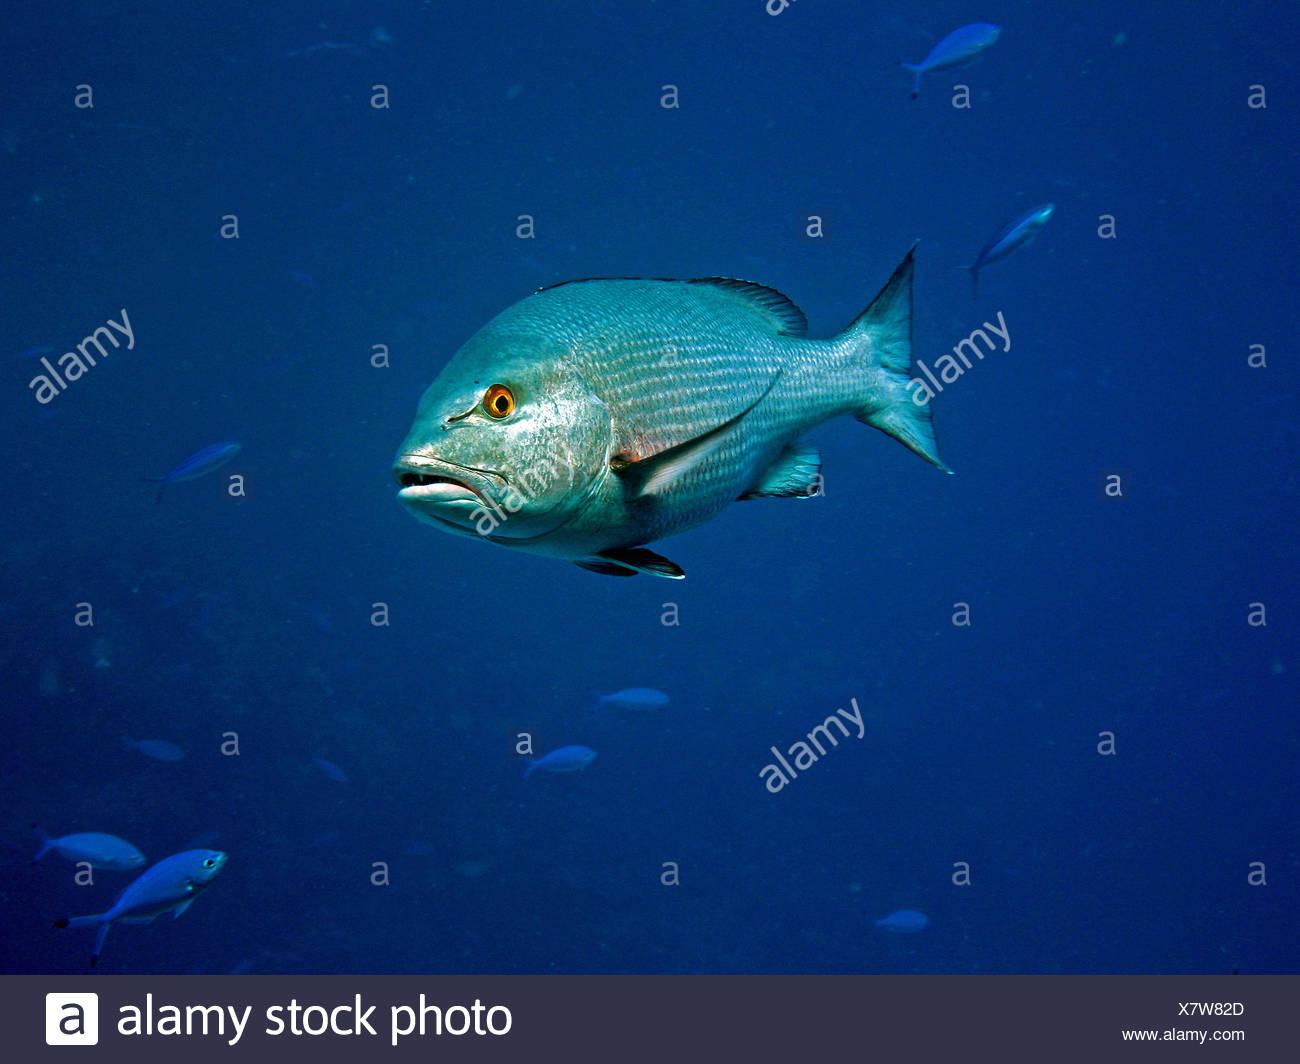 Fantastisch Meer Tier Färbung Seiten Fotos - Framing Malvorlagen ...